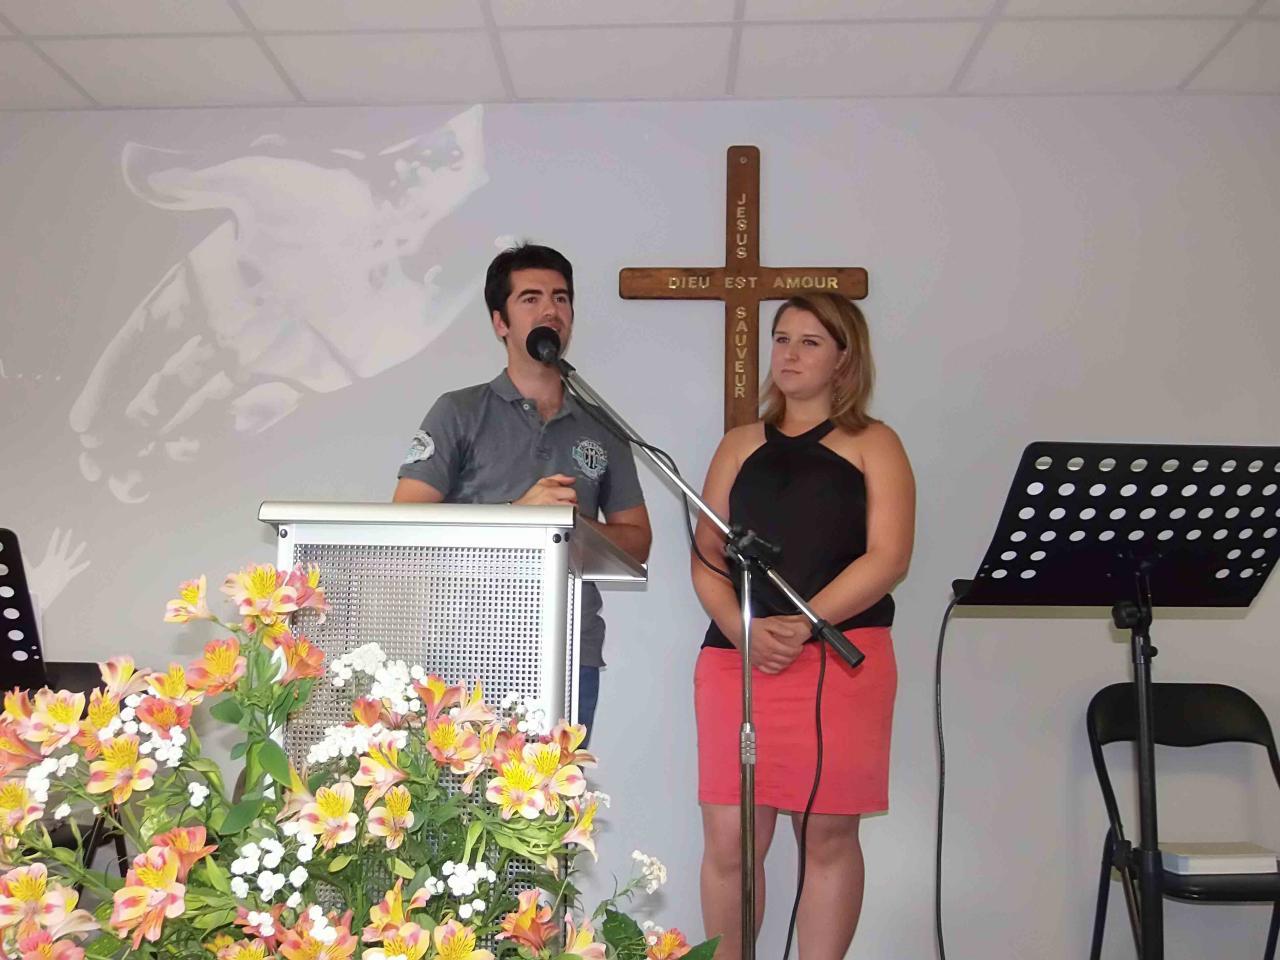 Sylvain et Aurélia